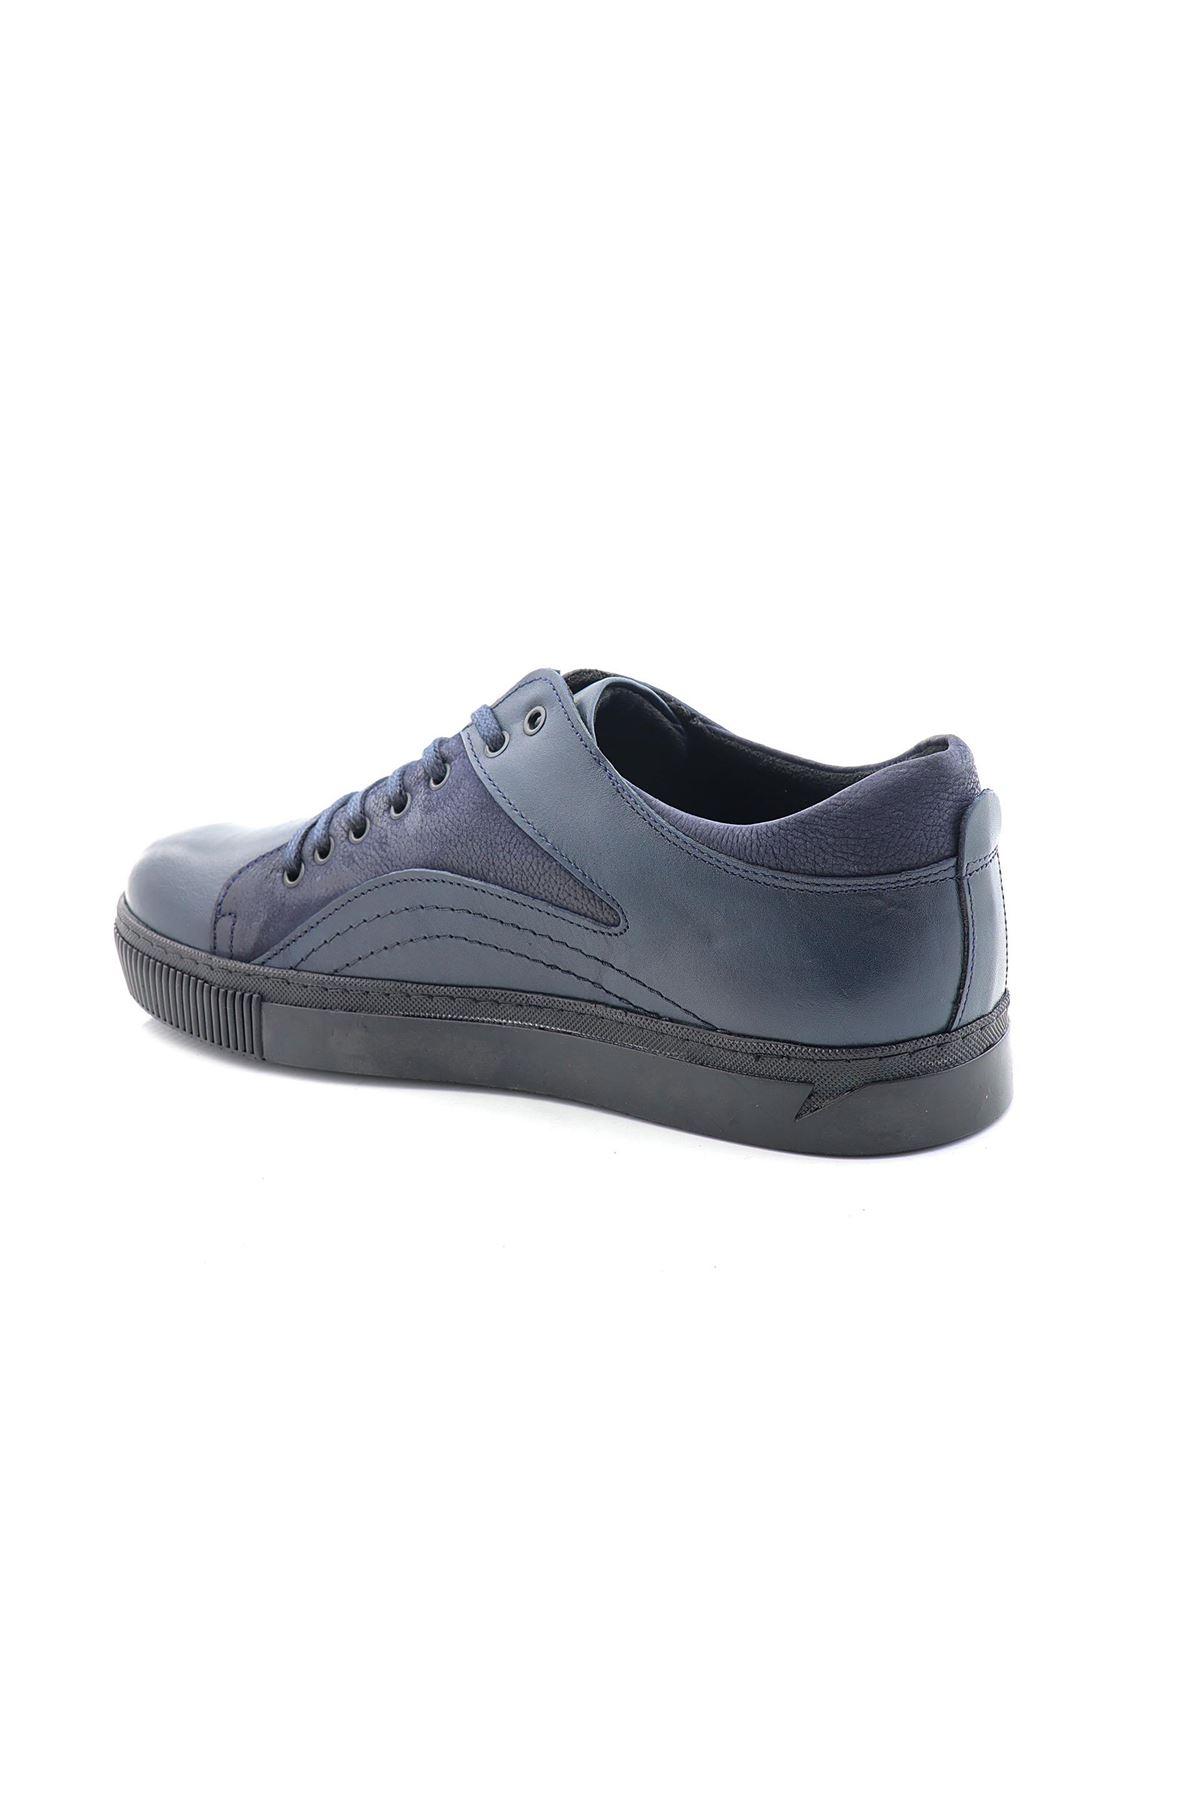 Man W441-12 Lacivert Hakiki Deri Erkek Casual Ayakkabı